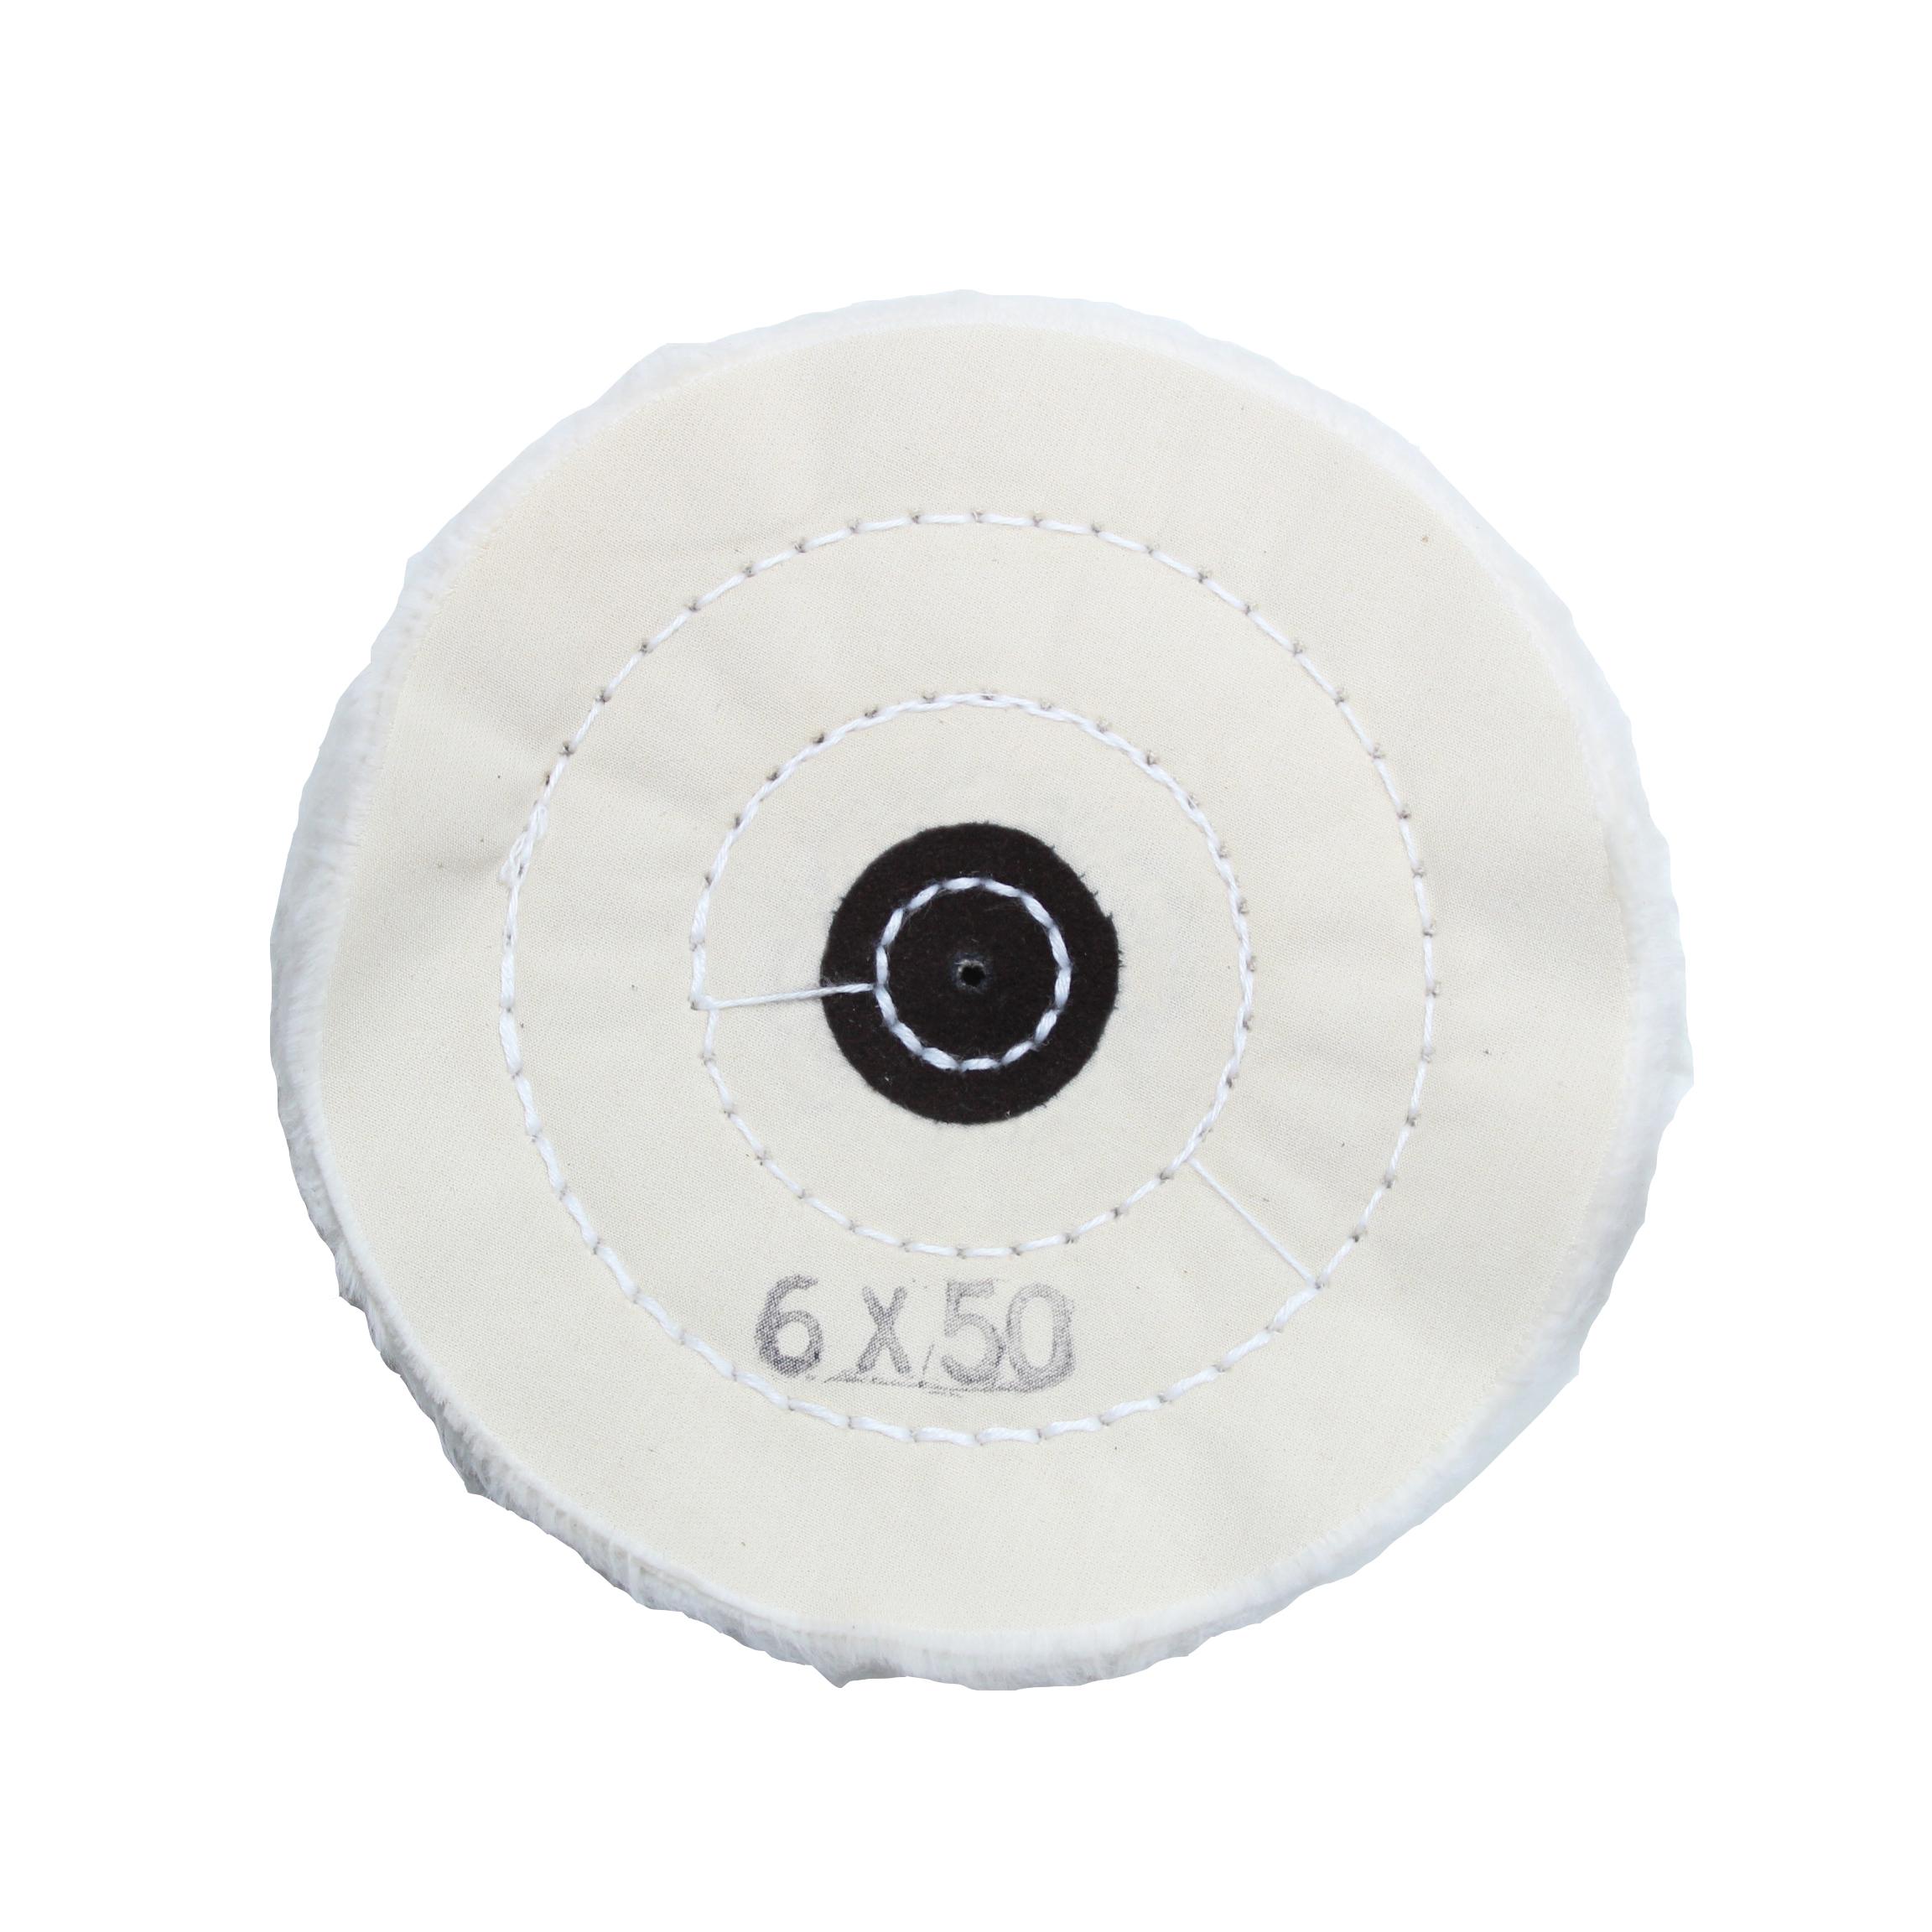 Круг муслиновый белый 6х50 (Турция) DK